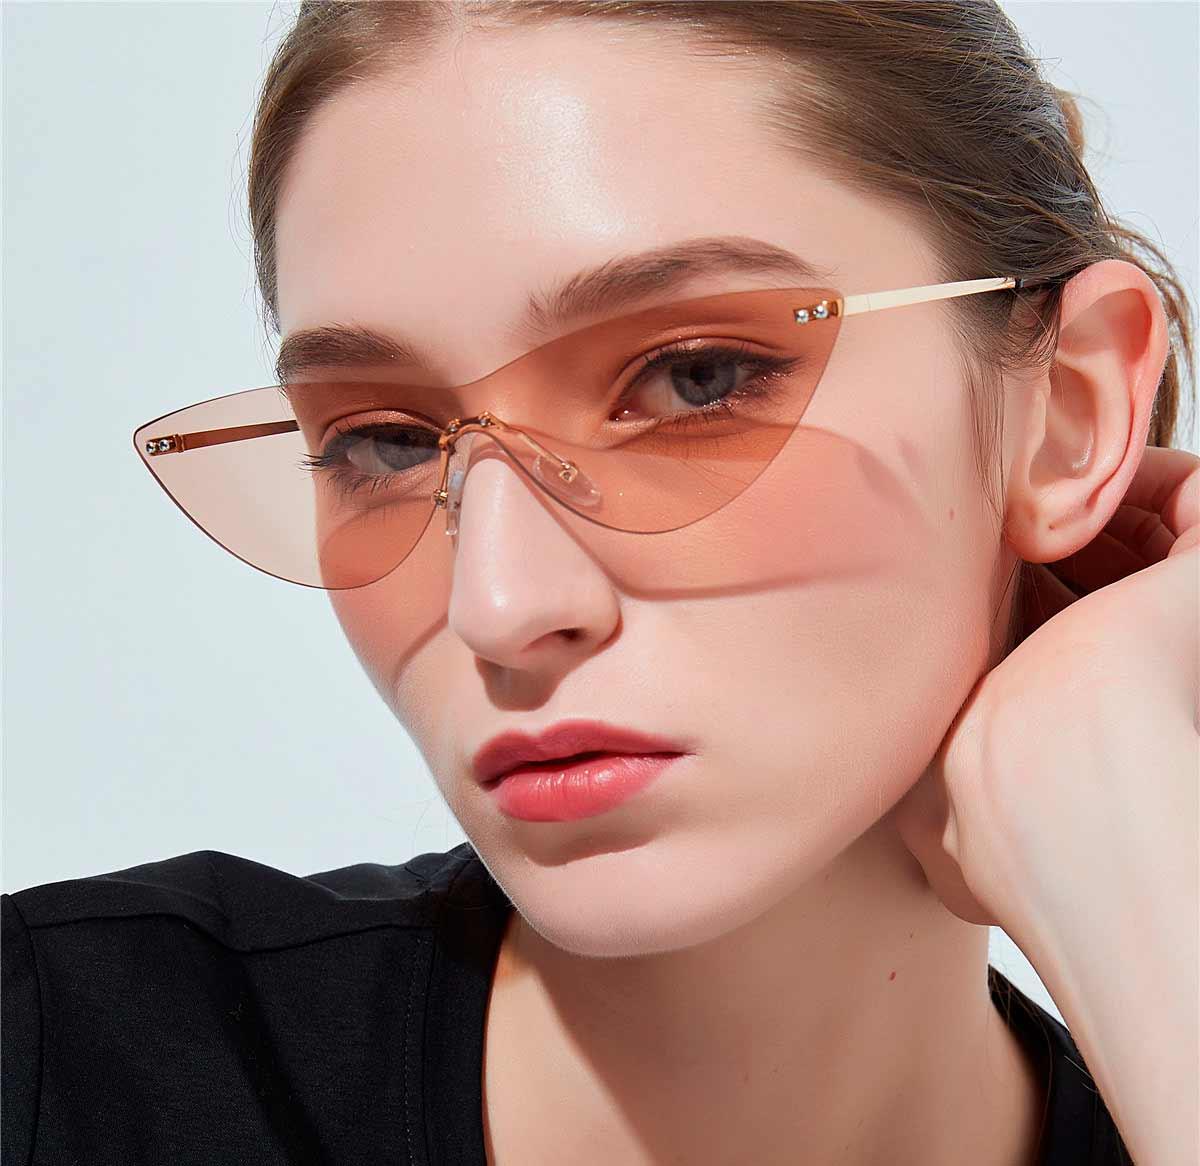 Модные очки 2020-2021 фото, модные оправы очков, модные солнцезащитные очки и очки для зрения